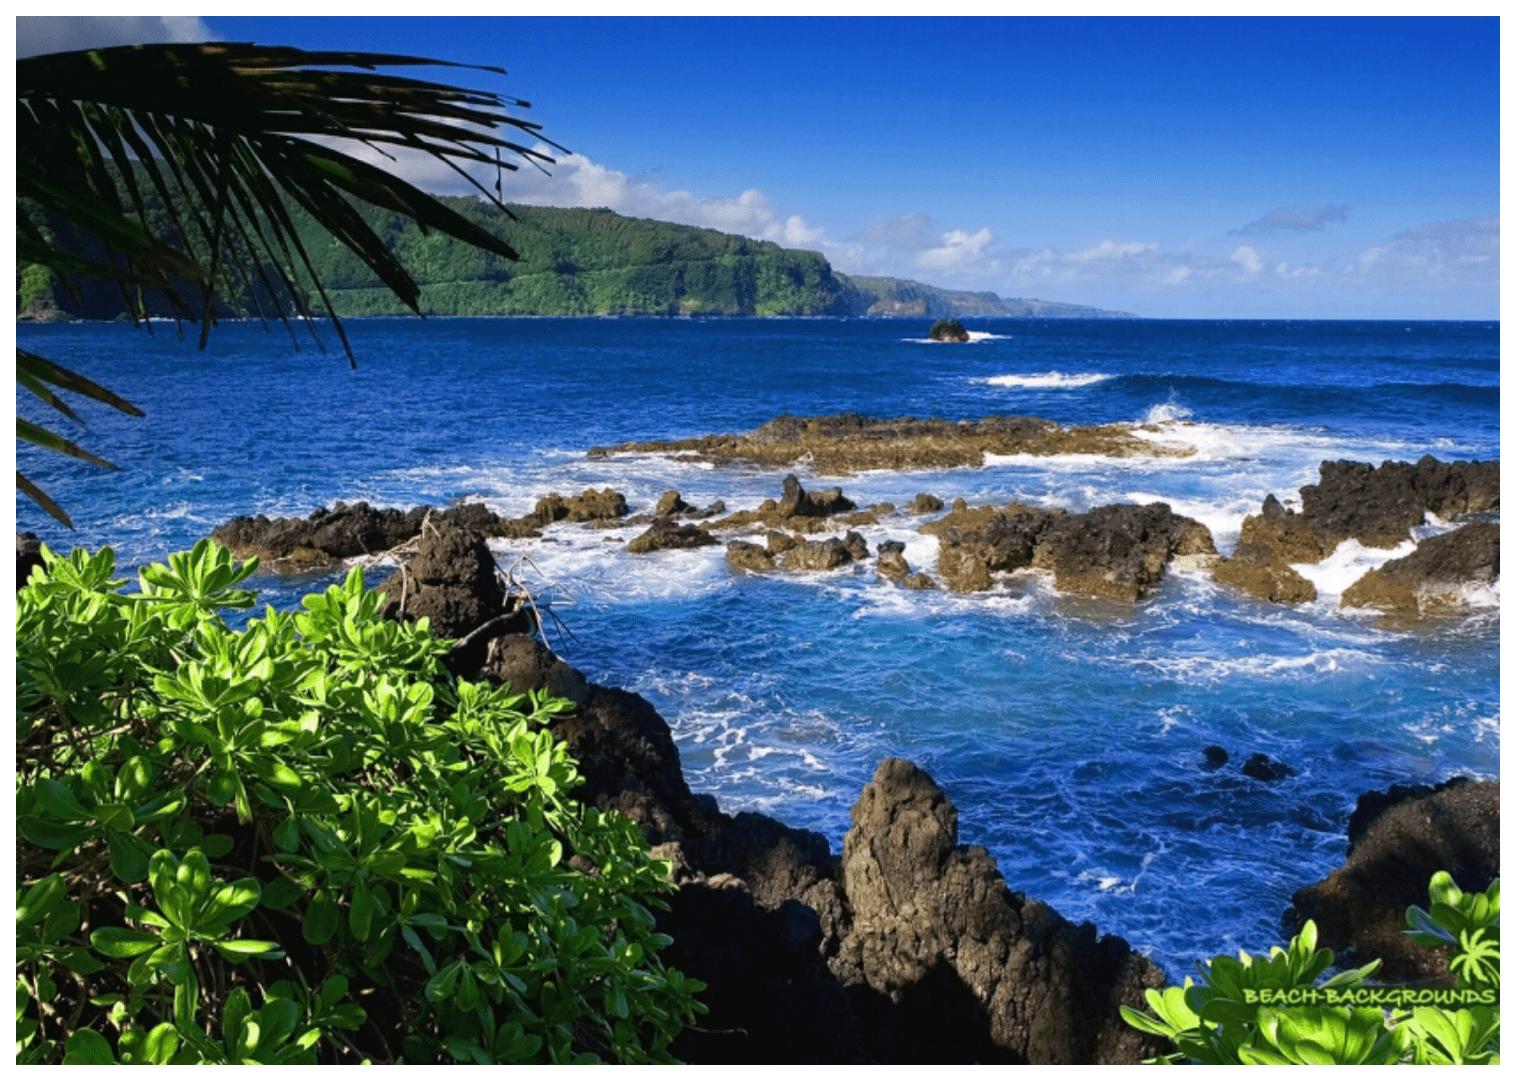 1515x1080 Trung tâm Hình nền Kỳ lạ: Hình nền Bãi biển Đảo.  Nền màn hình Full HD